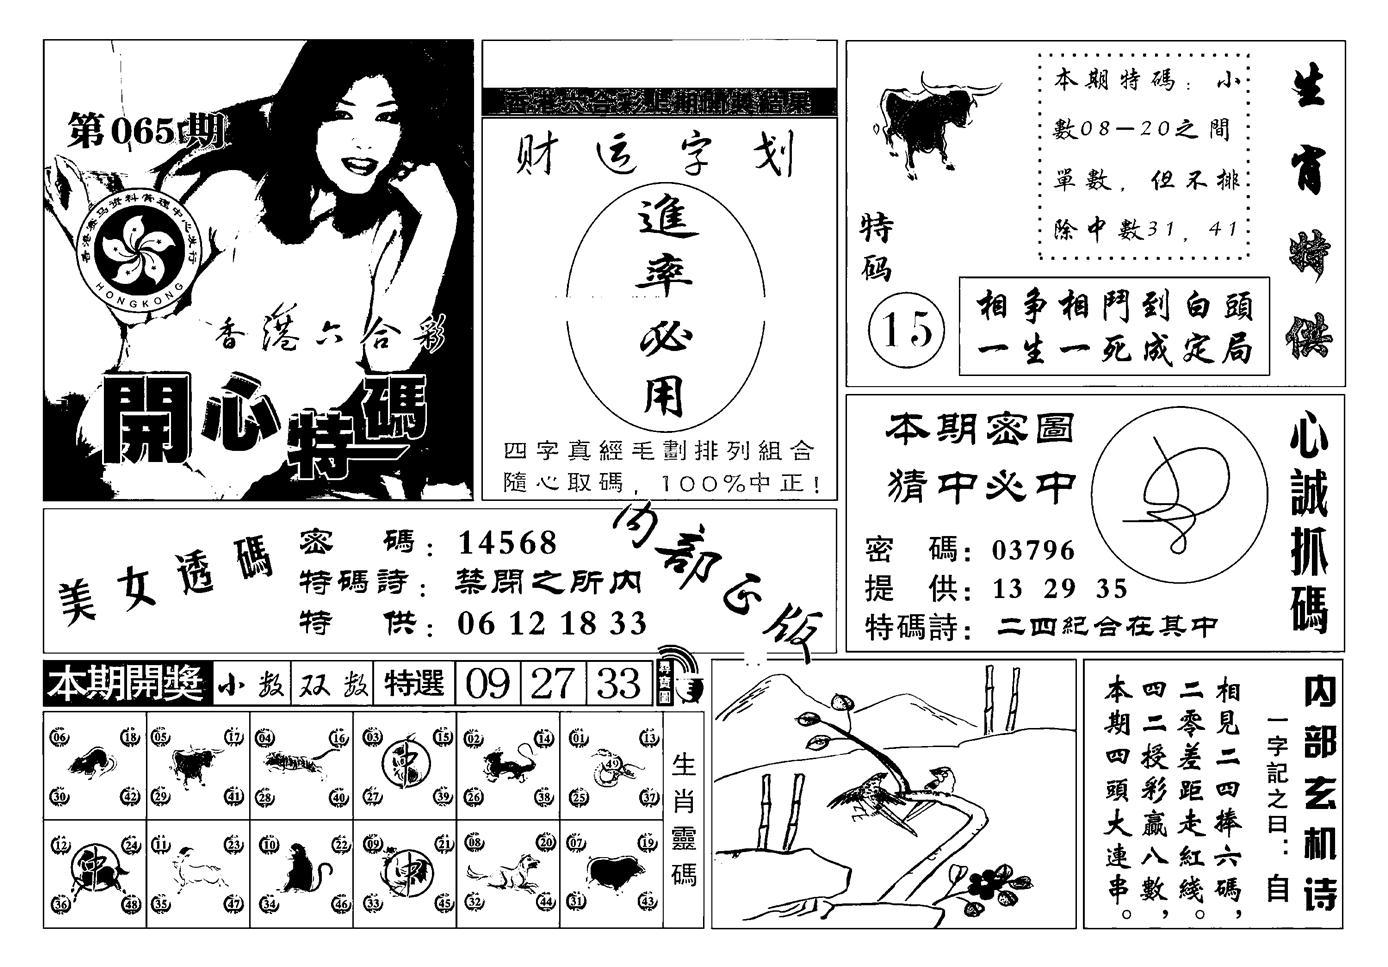 065期白姐猛料(黑白)